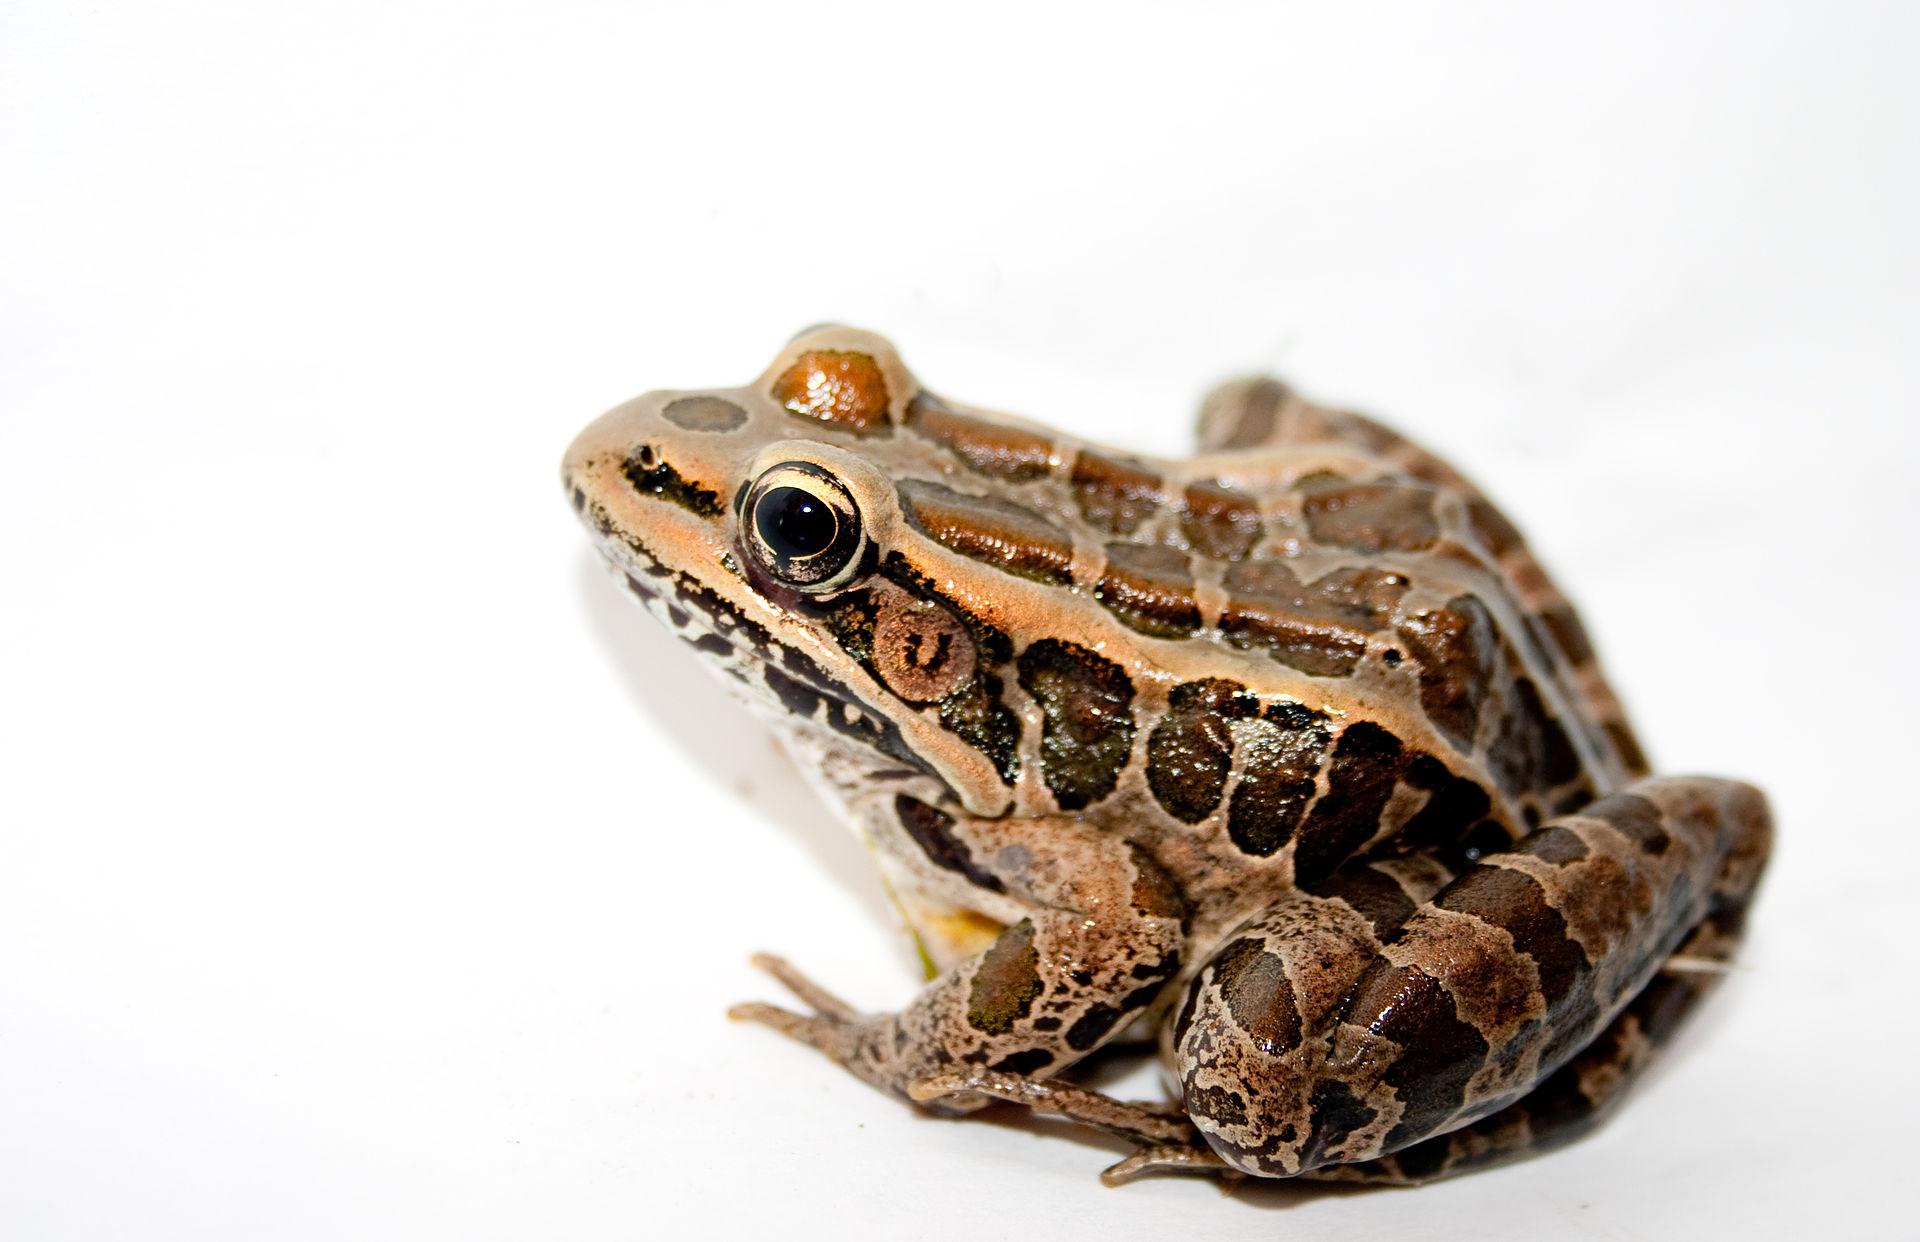 Pickerel_Frog.jpg